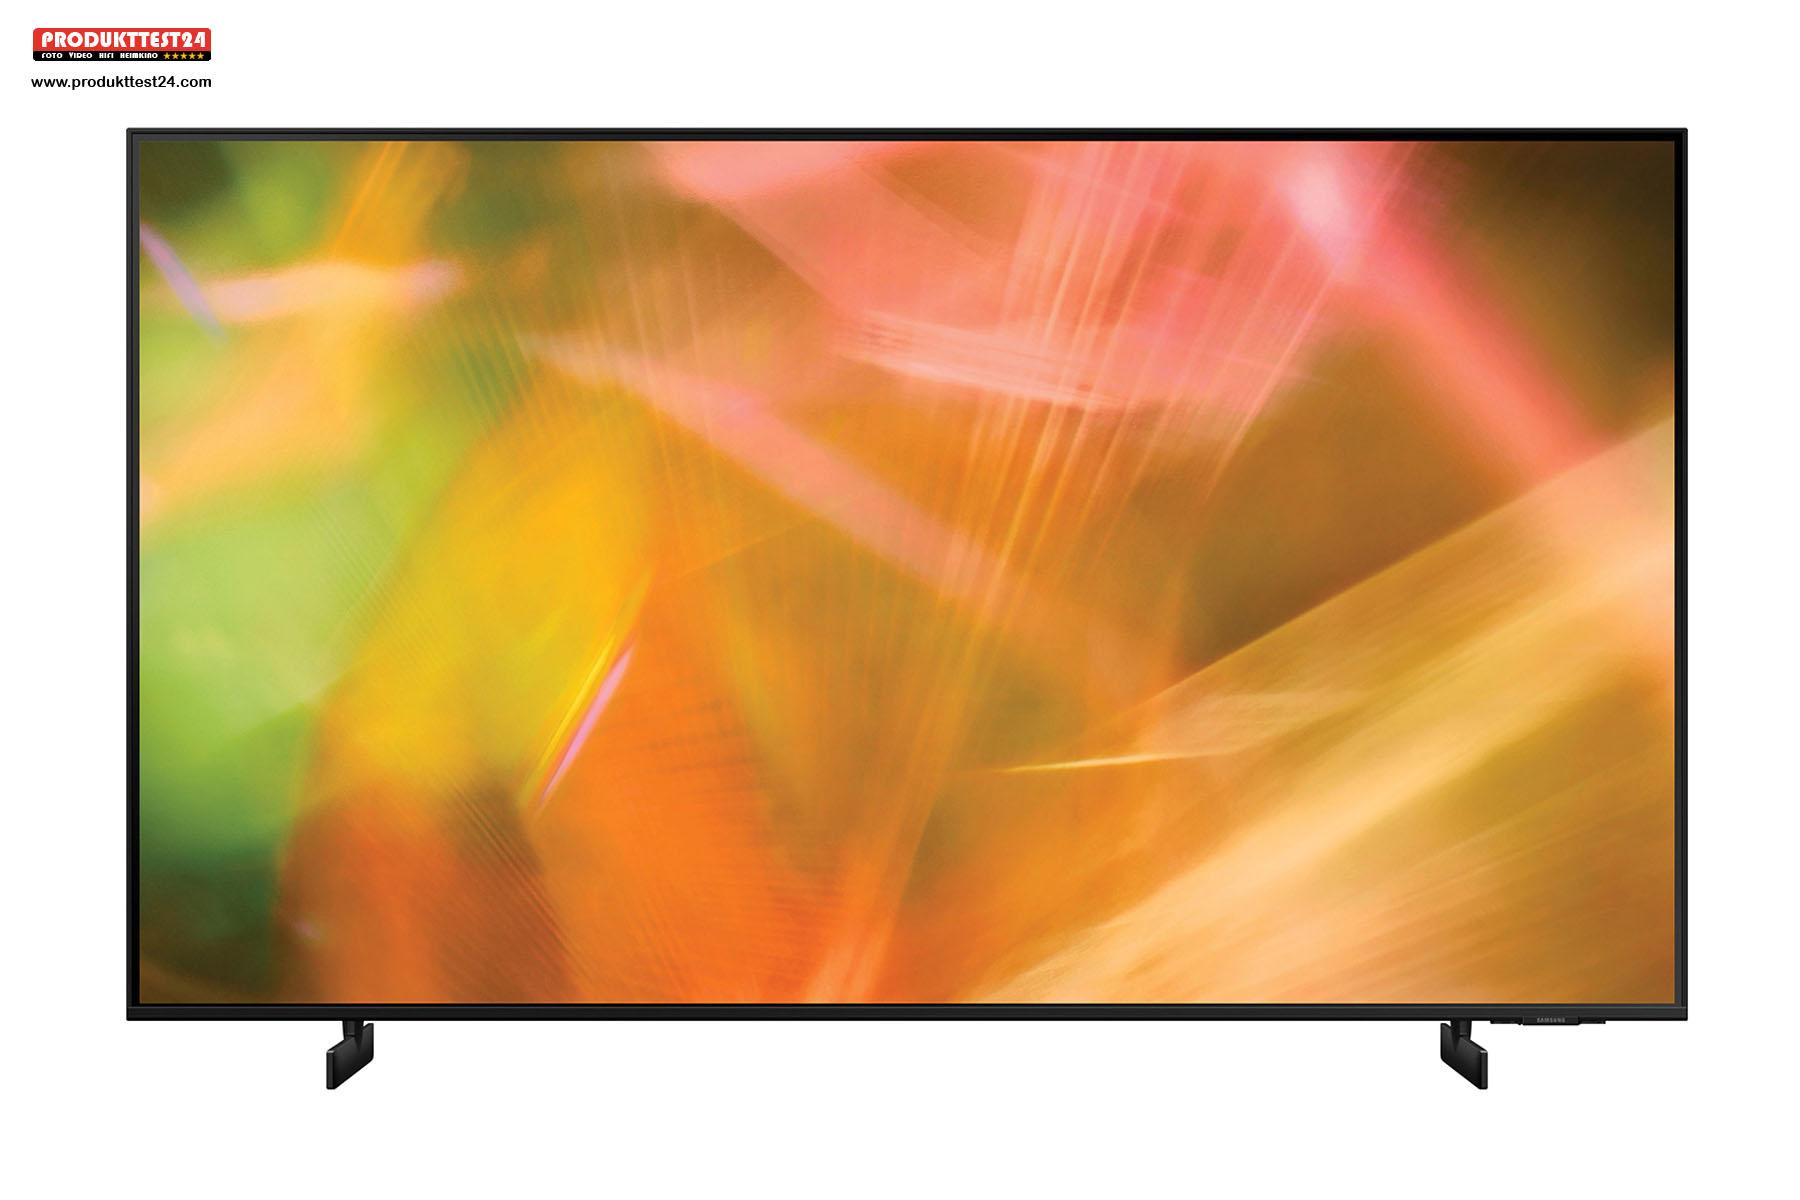 Der 75 Zoll Samsung GU75AU8079 Crystal UHD Fernseher